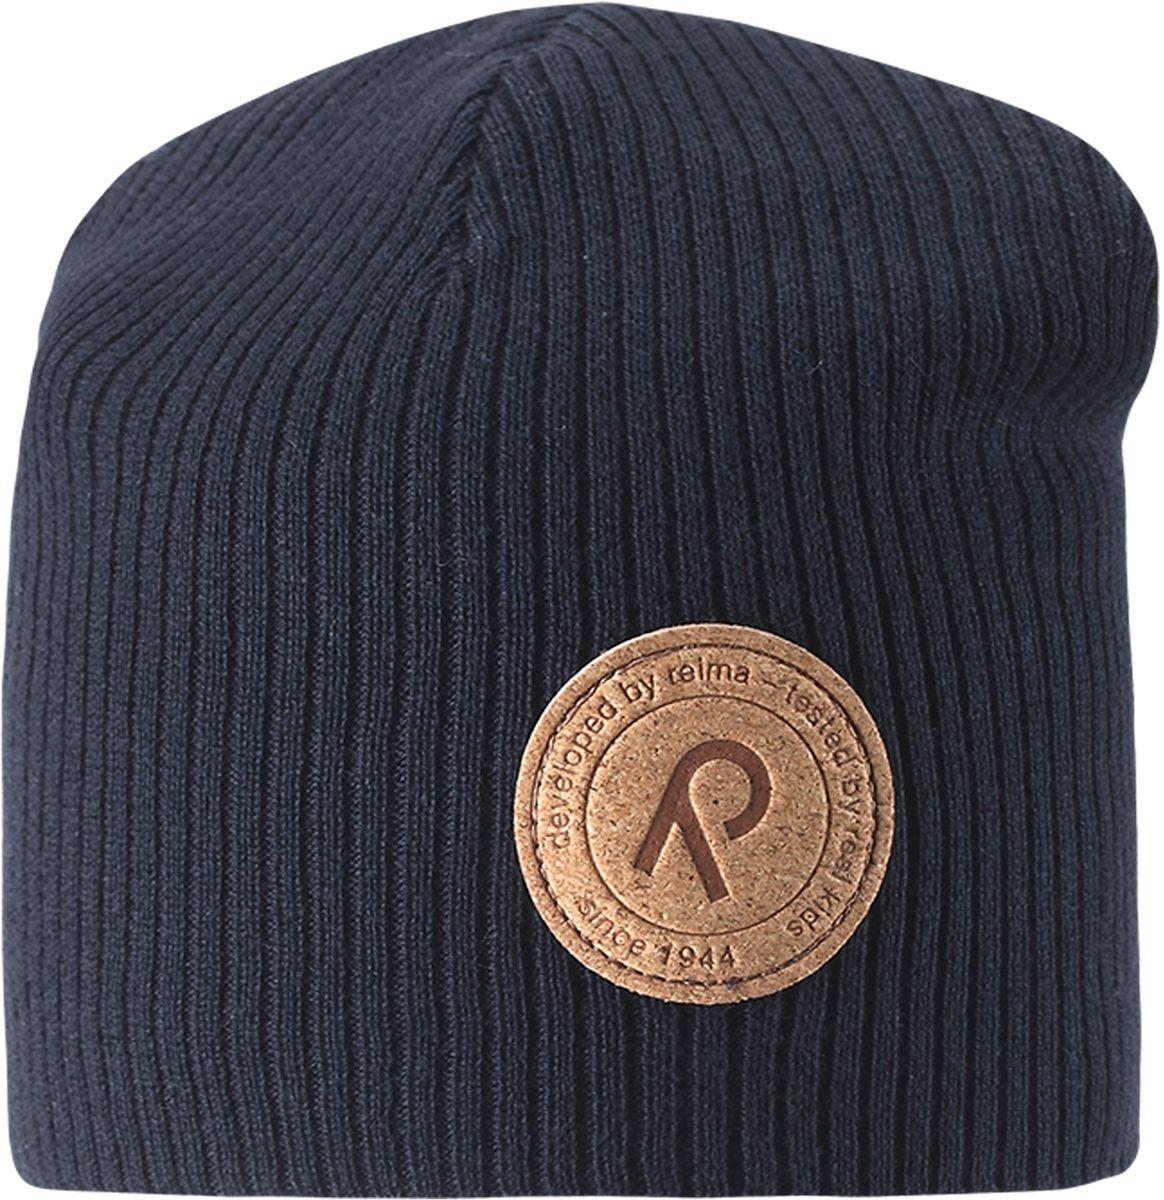 Шапка детская5285263360Детская шапка прекрасно подойдет для весенней поры. Она изготовлена из эластичного и легкого вязаного хлопка, мягкого и приятного на ощупь. Материал сертифицирован по стандарту Oeko-Tex. Удлиненная модель с подкладкой. Шапка смотрится ярко и стильно то, что надо для прогулки!